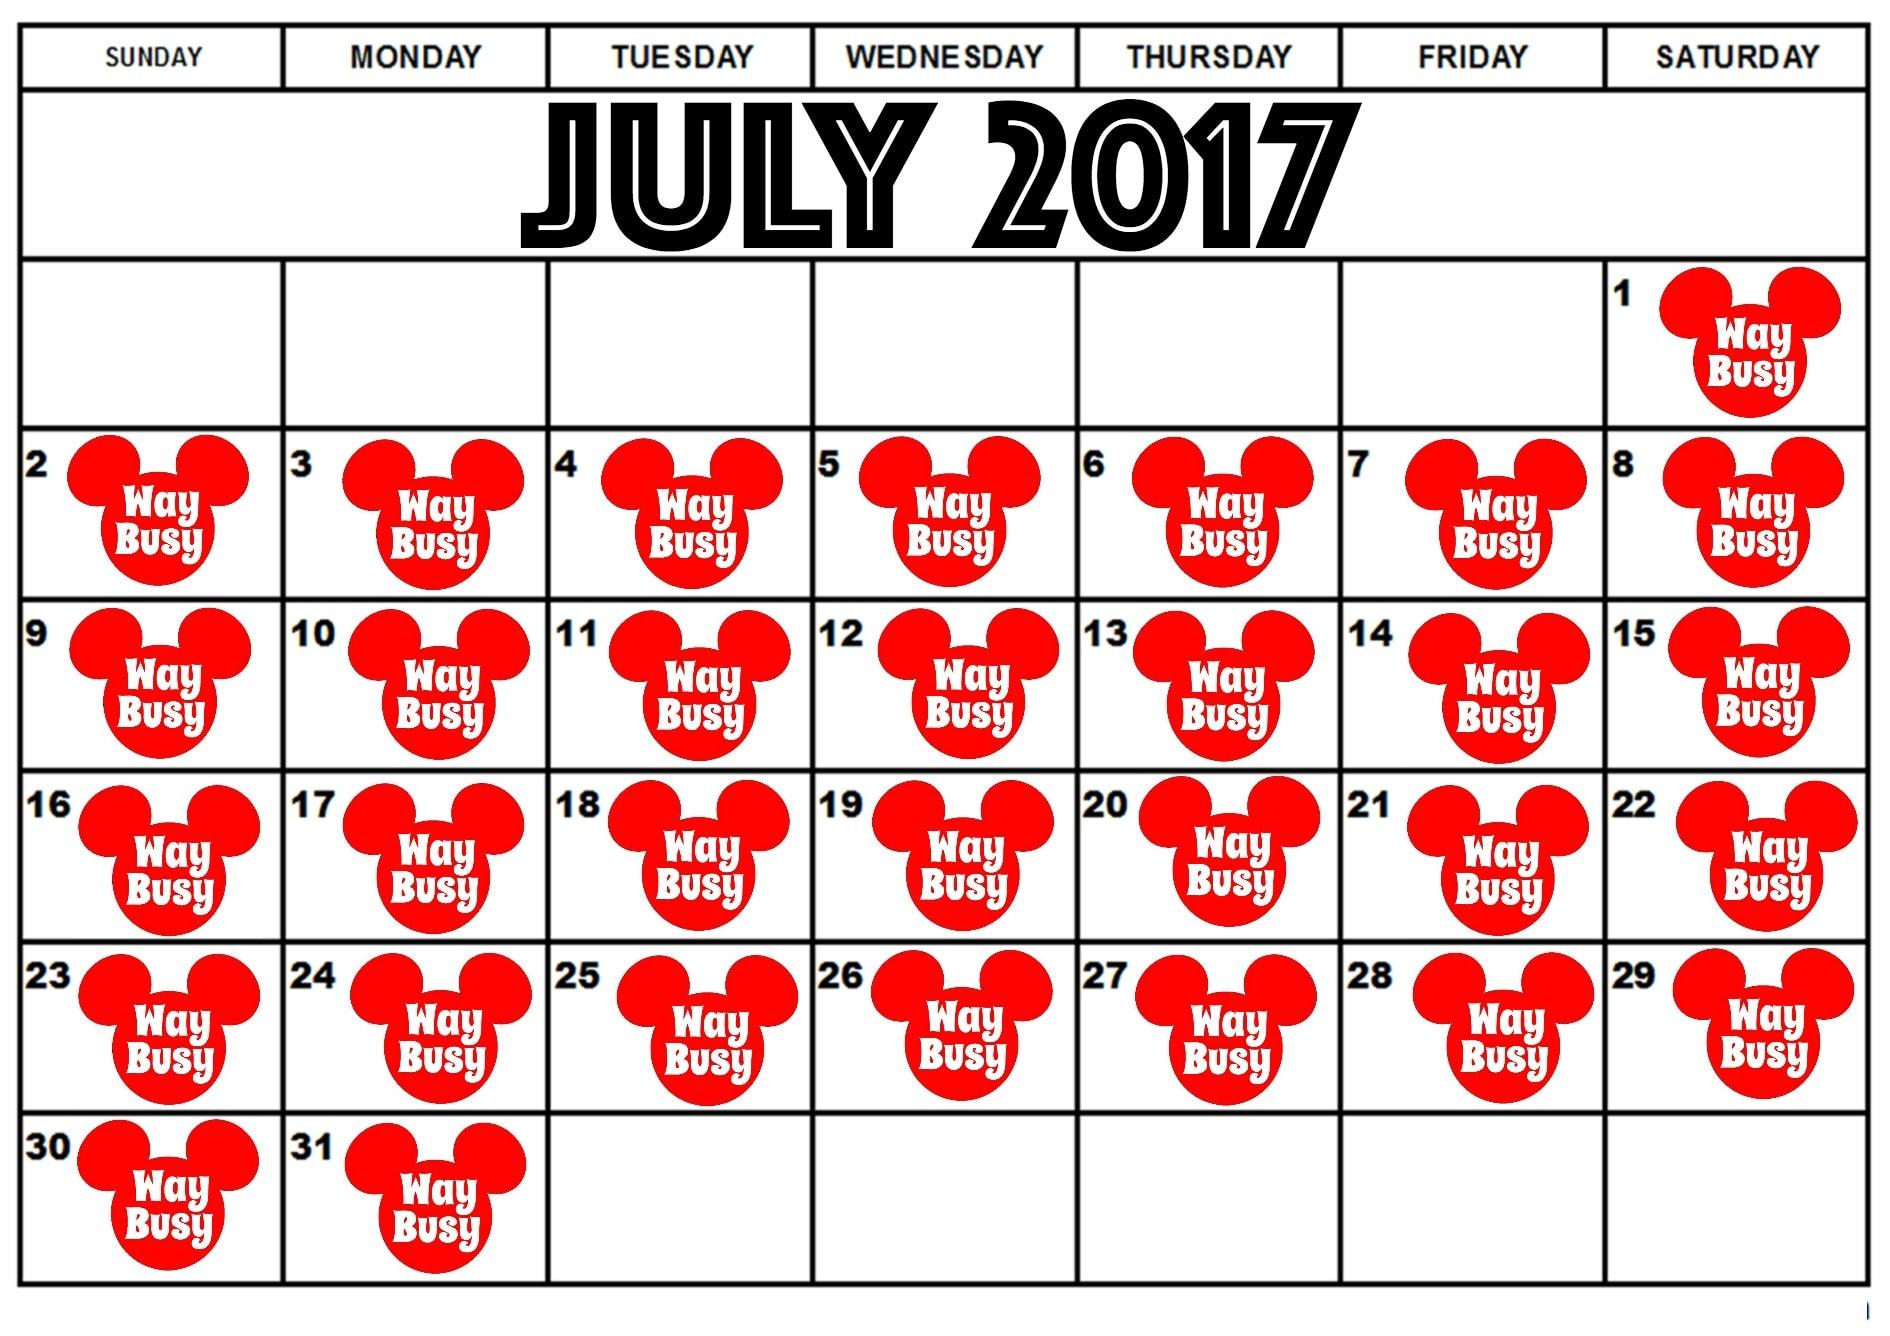 Best Days to Visit Disney World in 2017